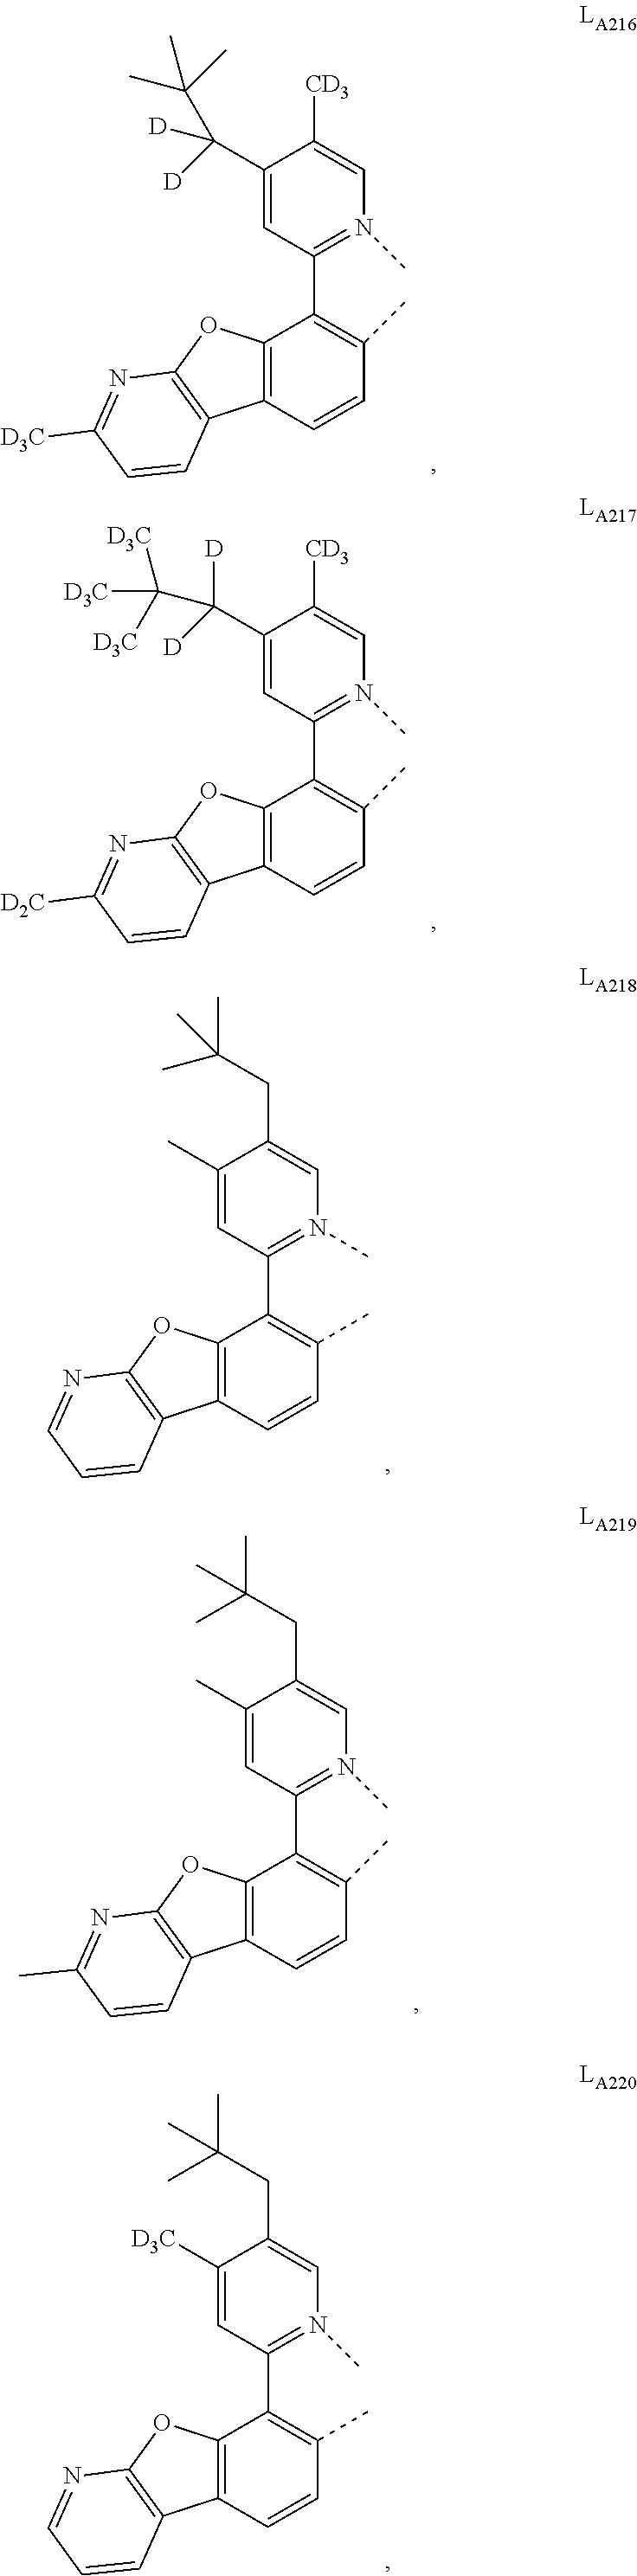 Figure US20160049599A1-20160218-C00445